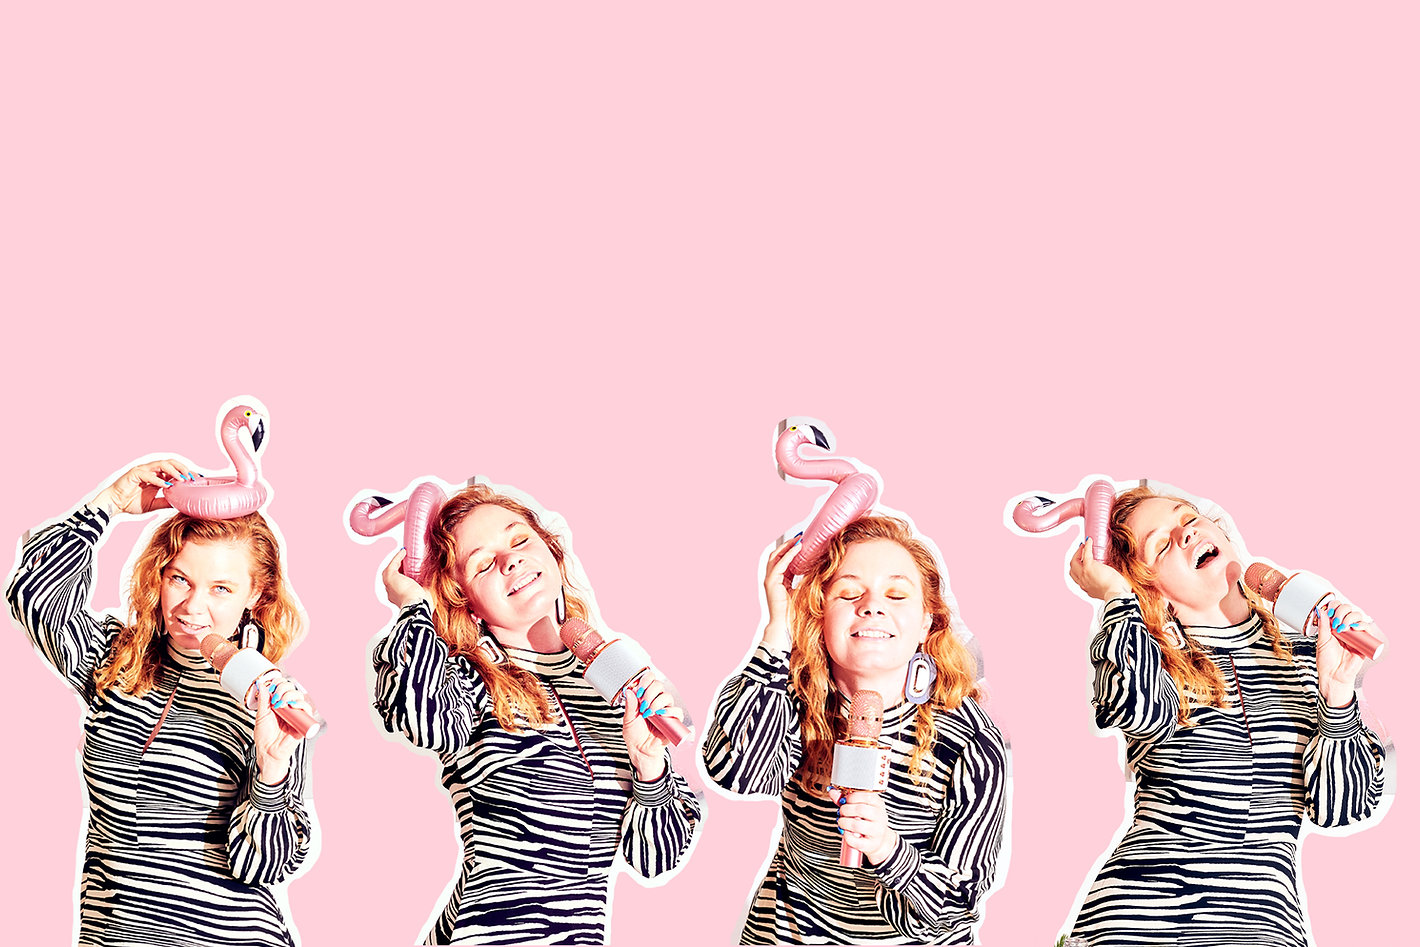 Woman-singing-zebra-dress.jpg